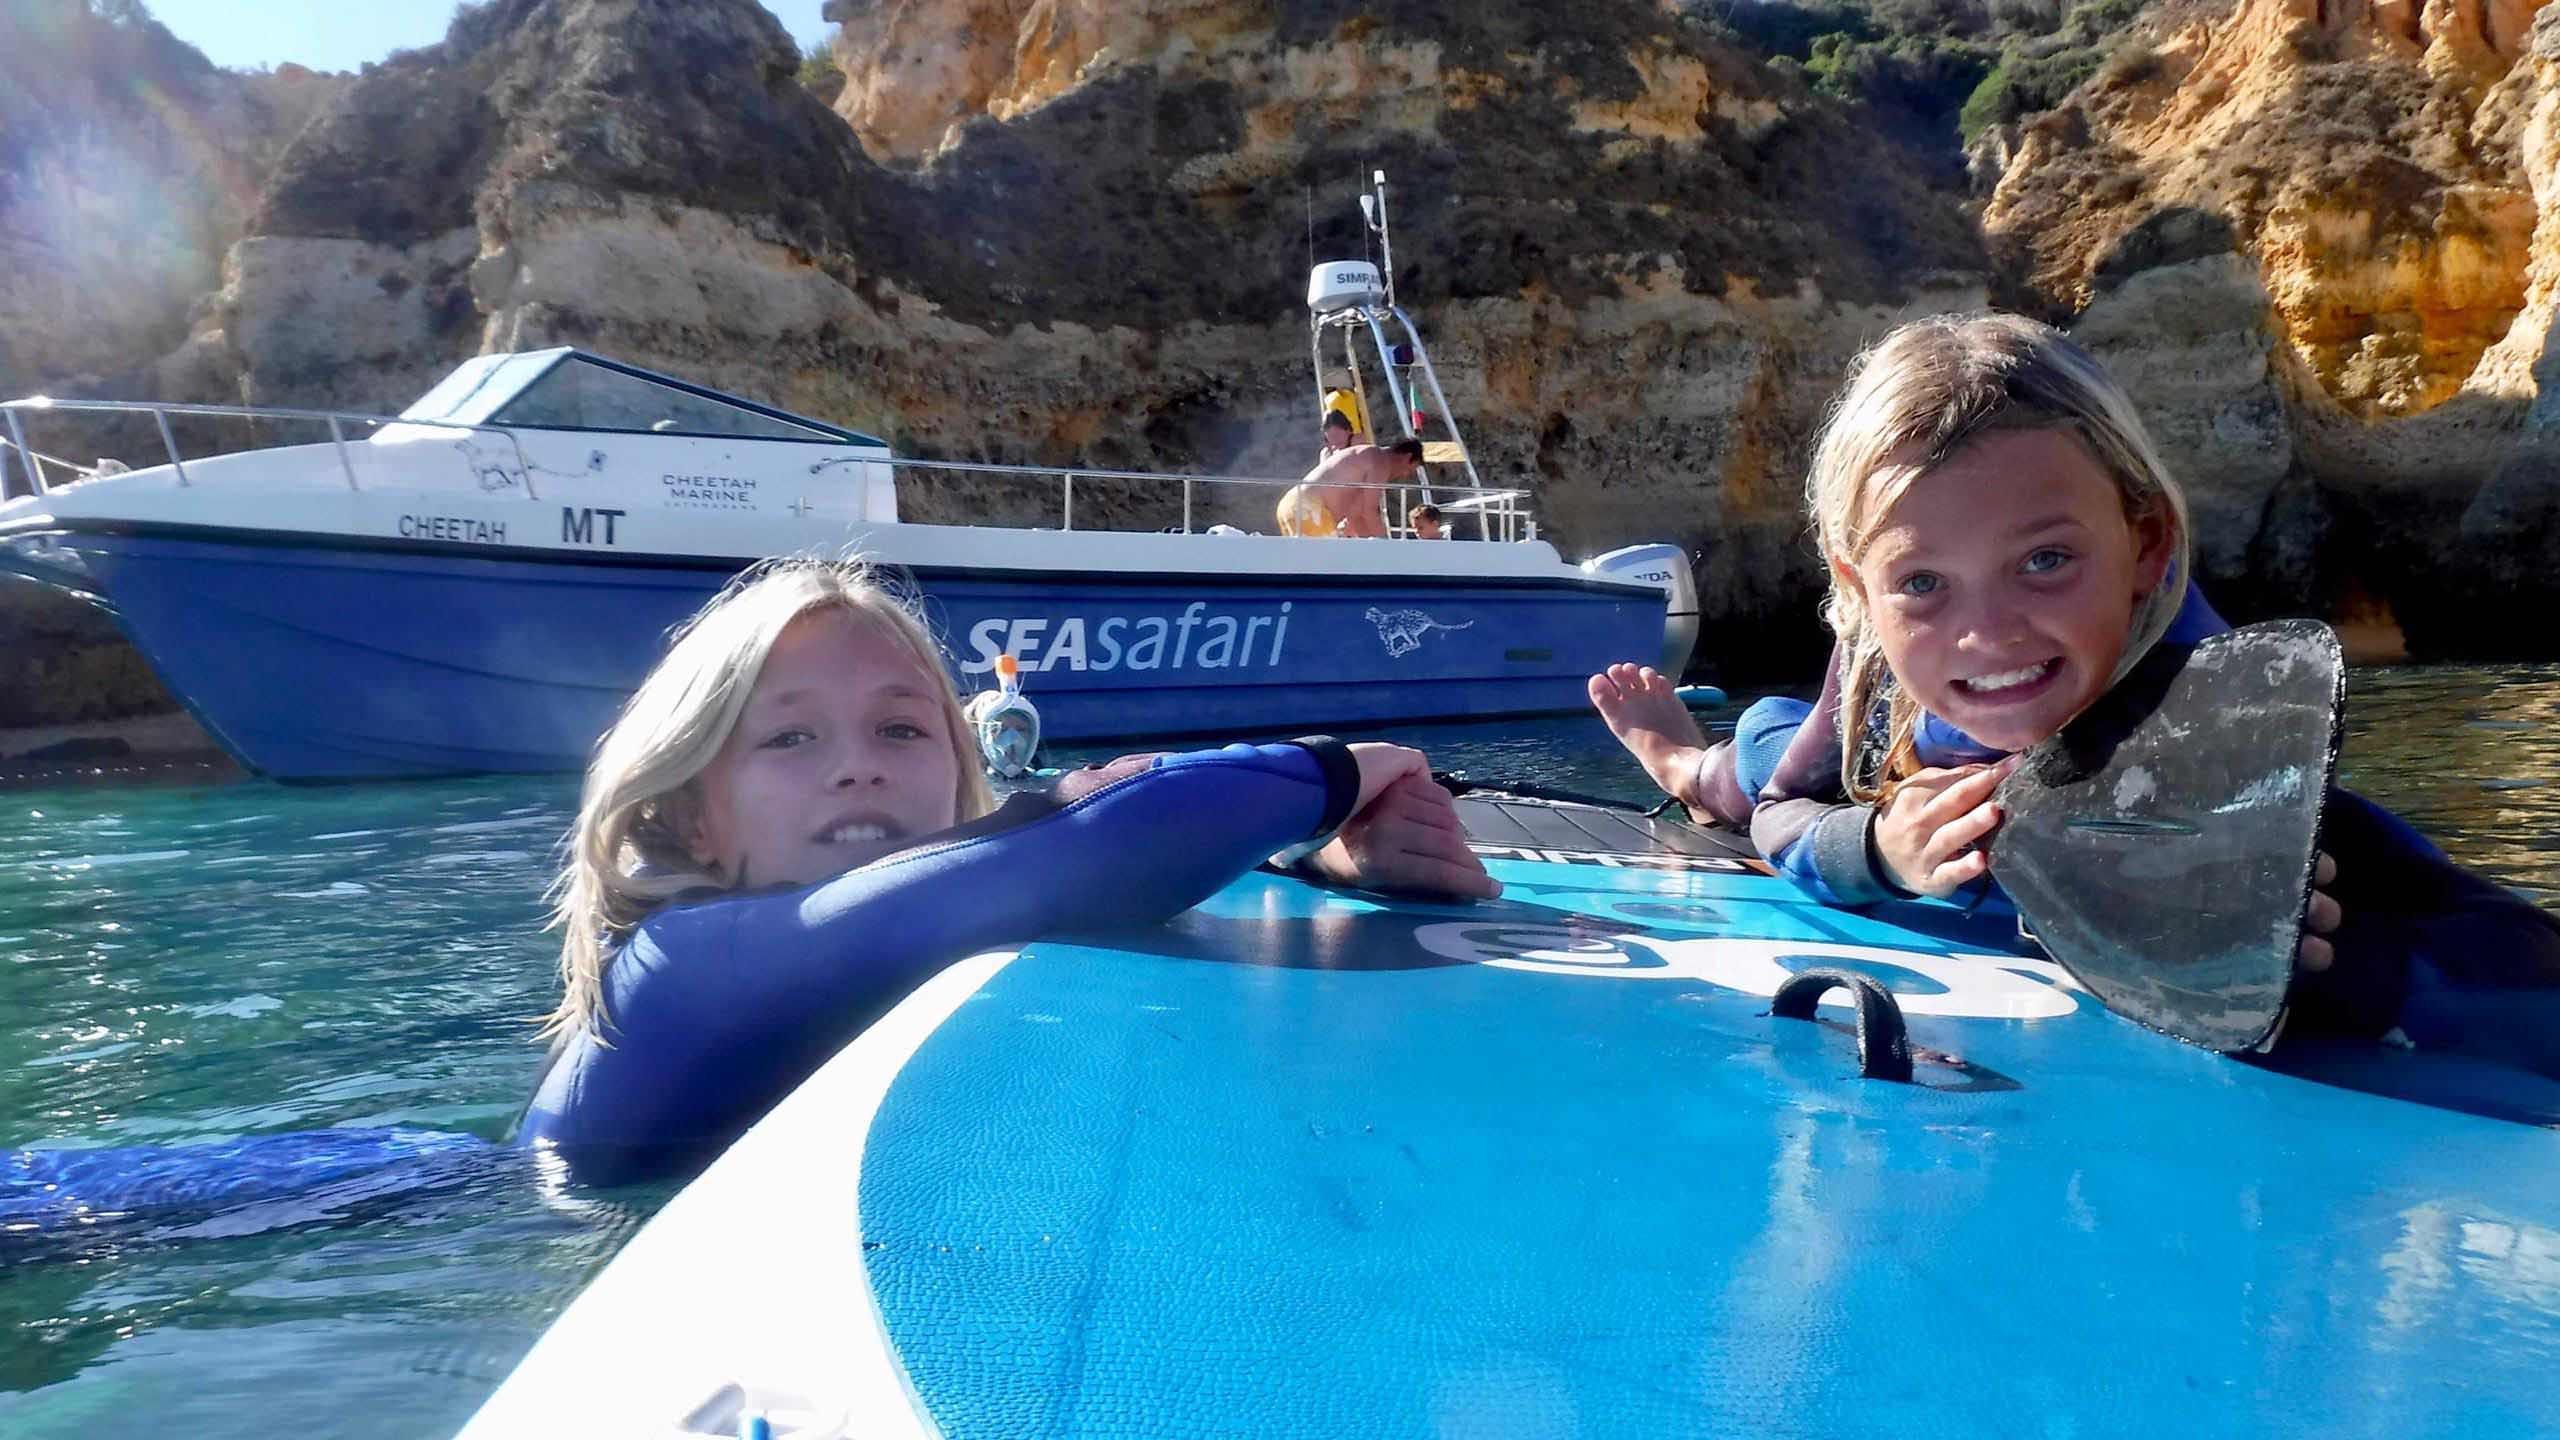 OceanBlue Algarve (12) Adventure Holiday, Surf Holiday, Sup Holiday, Biking Holiday, Boat Trips Algarve